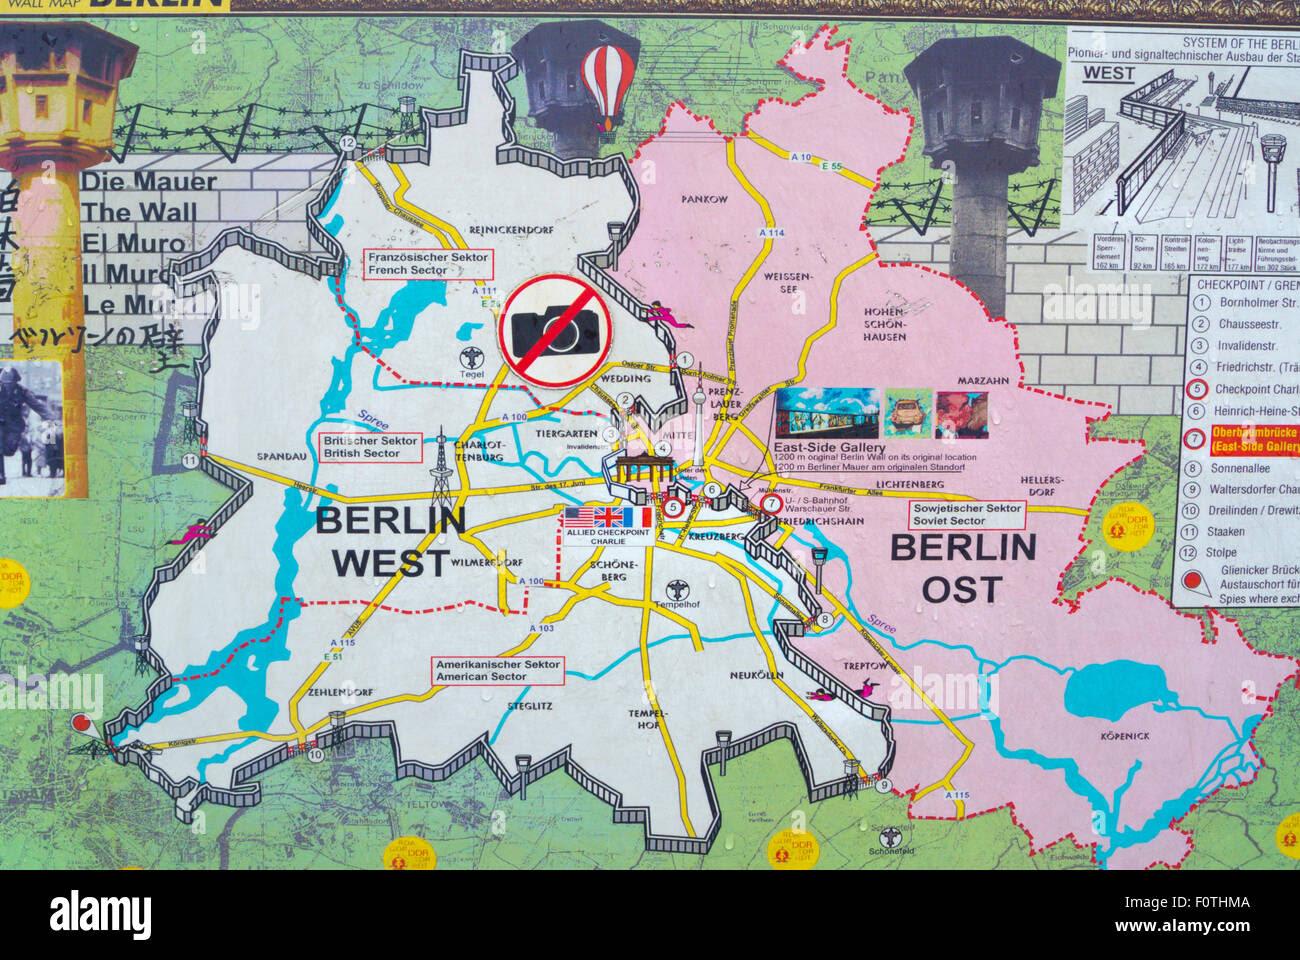 peta berlin barat dan berlin timur